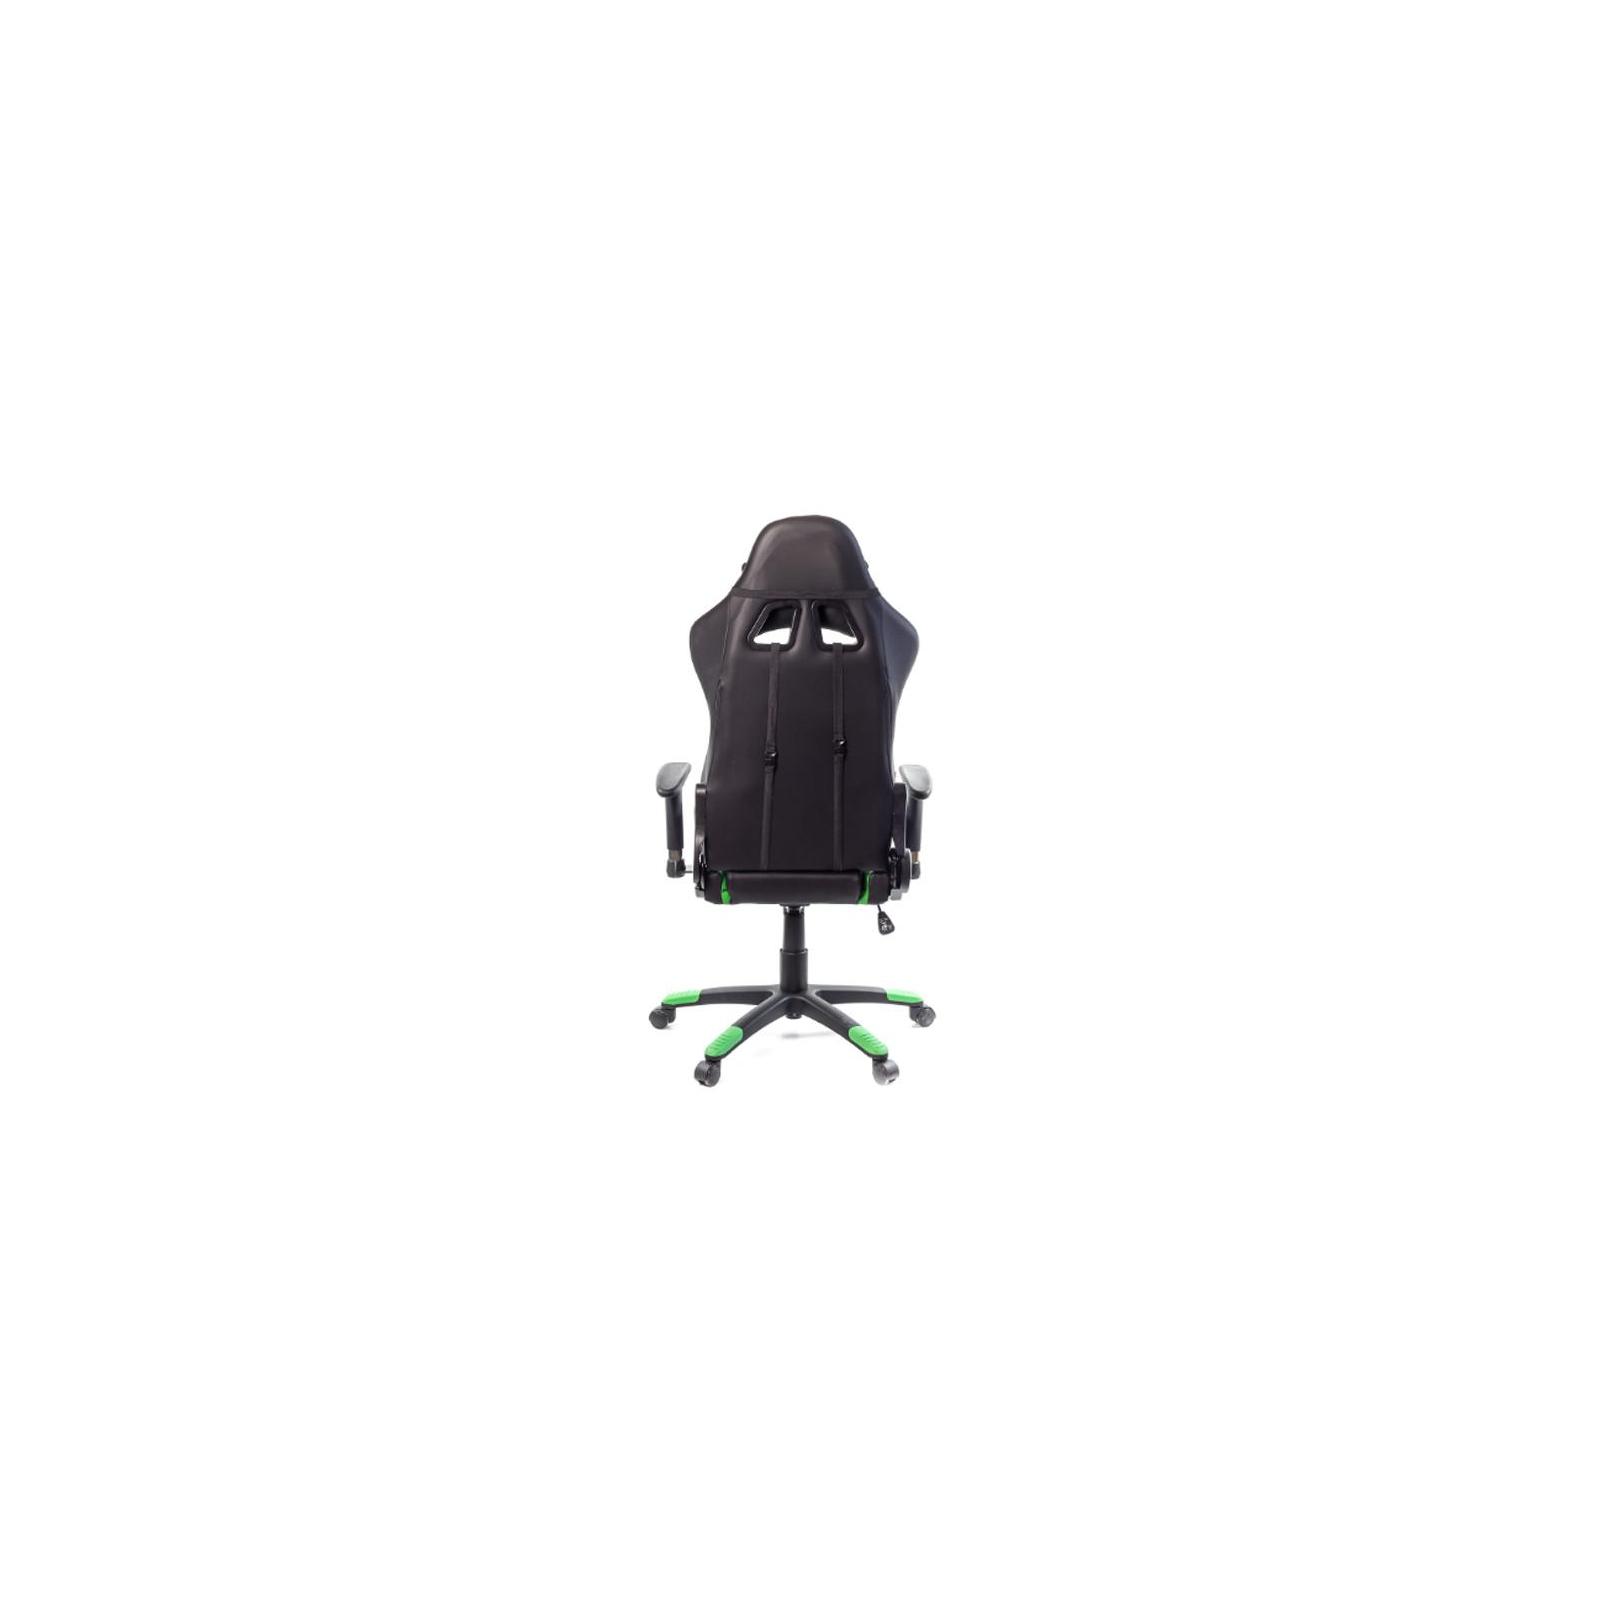 Кресло игровое АКЛАС Хорнет PL RL Зеленое (09442) изображение 4